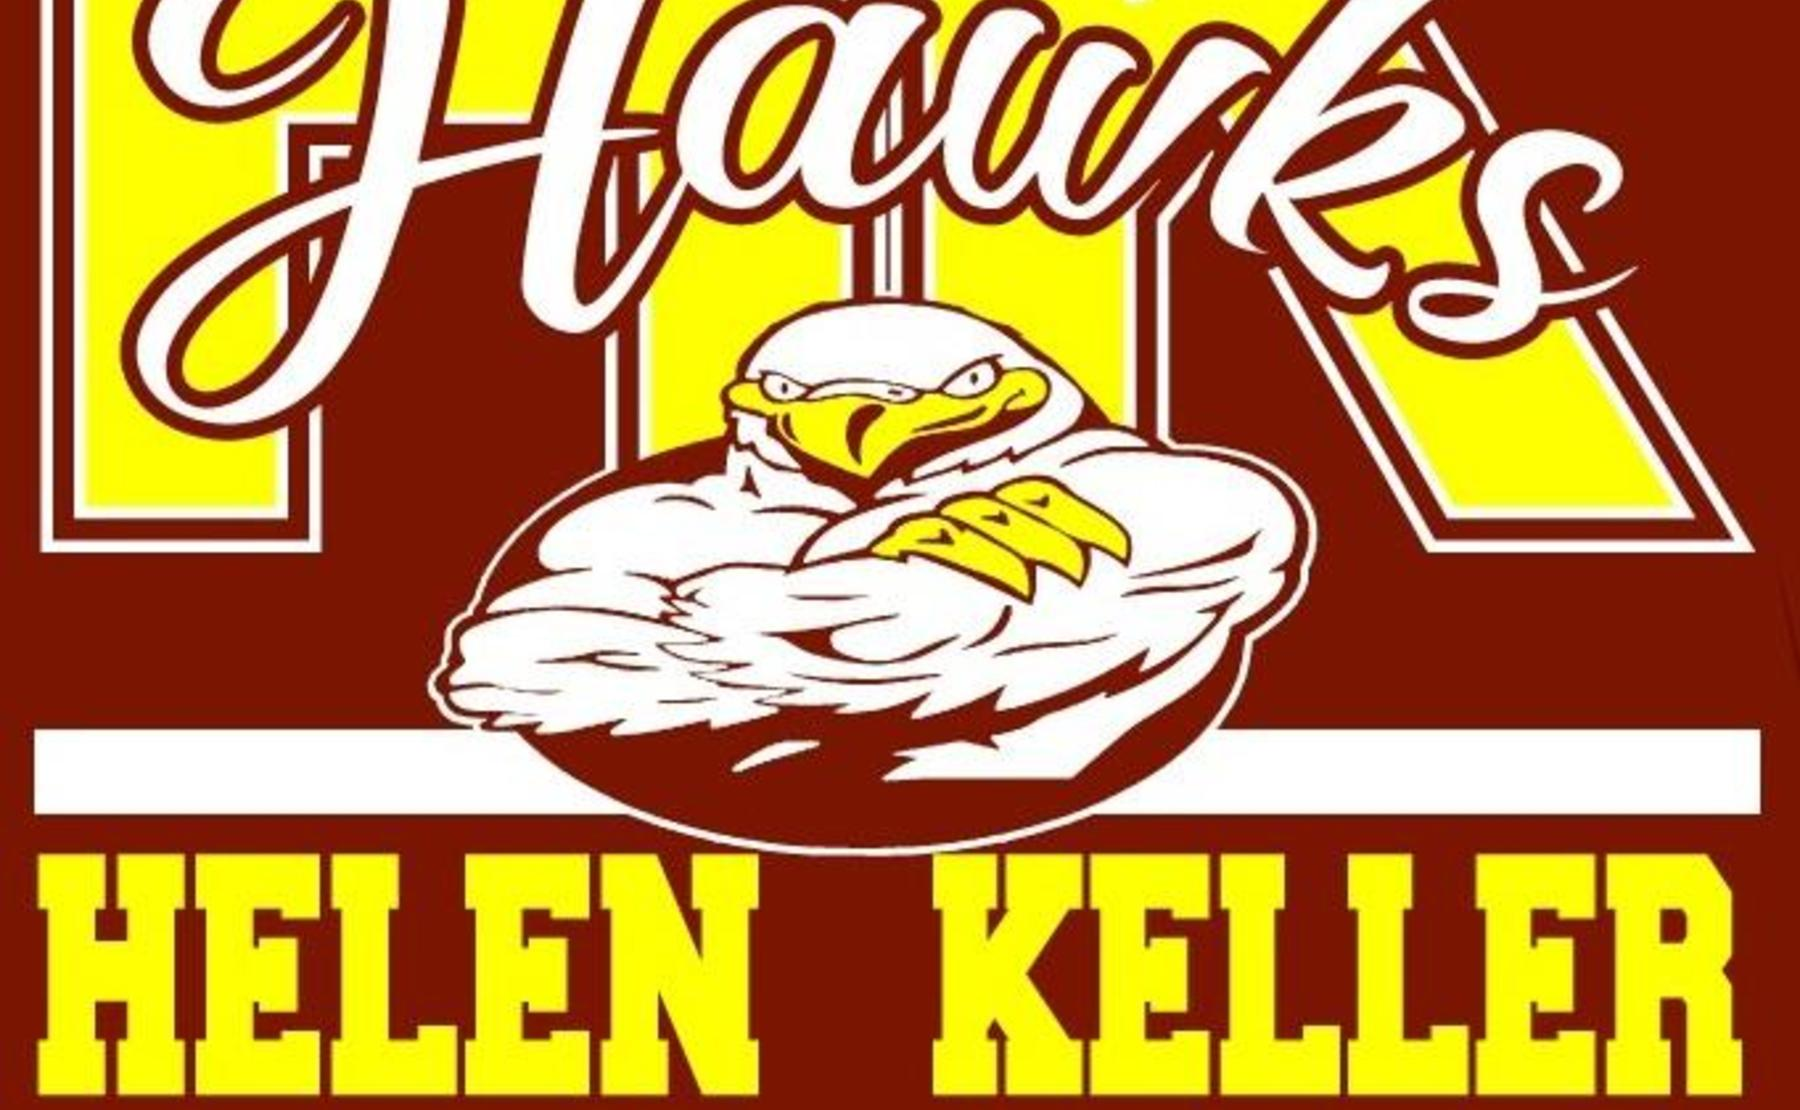 Helen Keller Elementary School